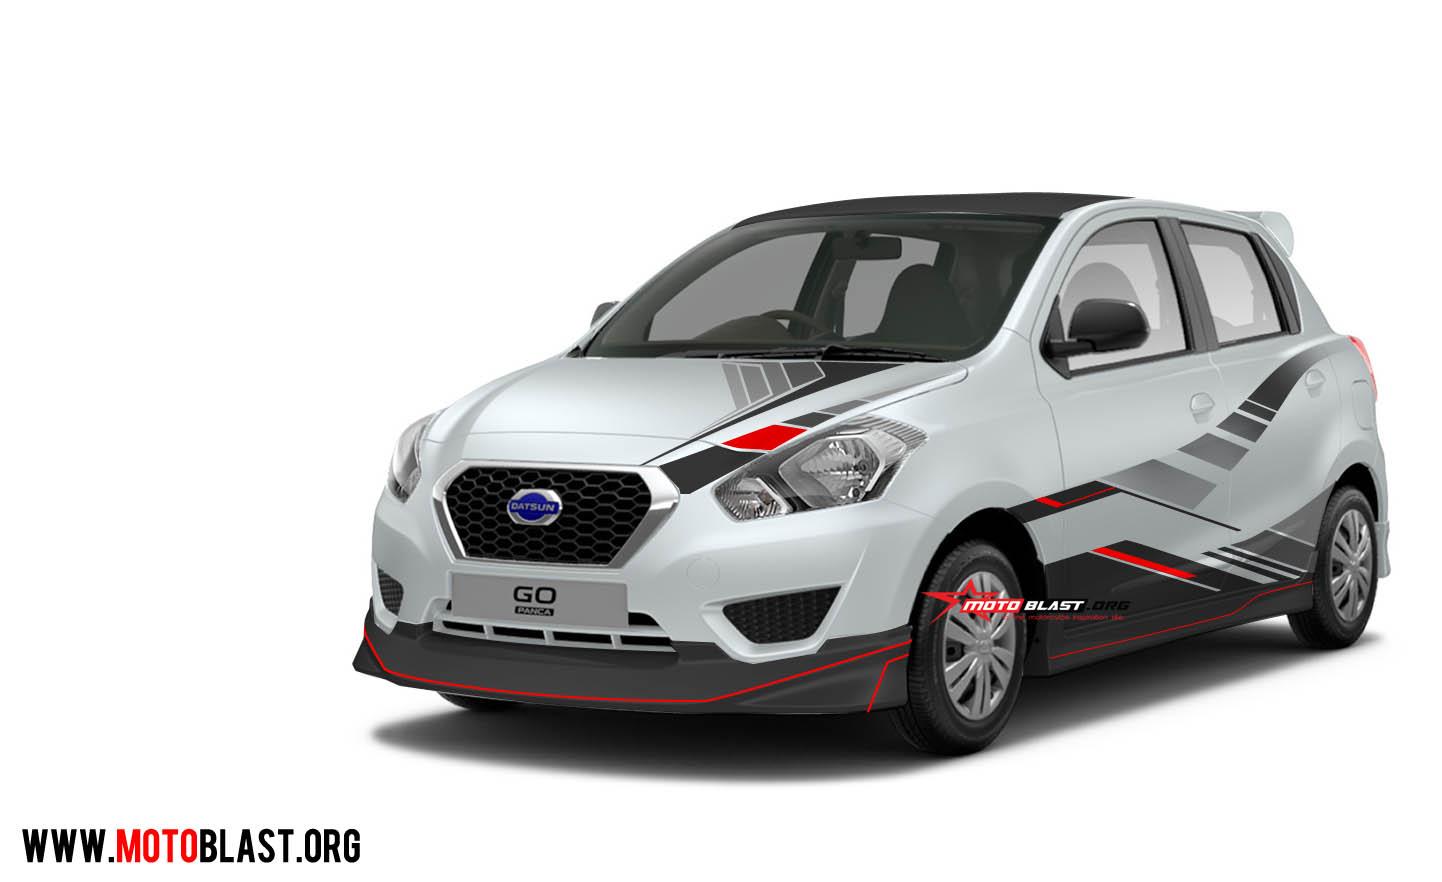 Modifikasi Striping Mobil Datsun GO Panca Berbagai